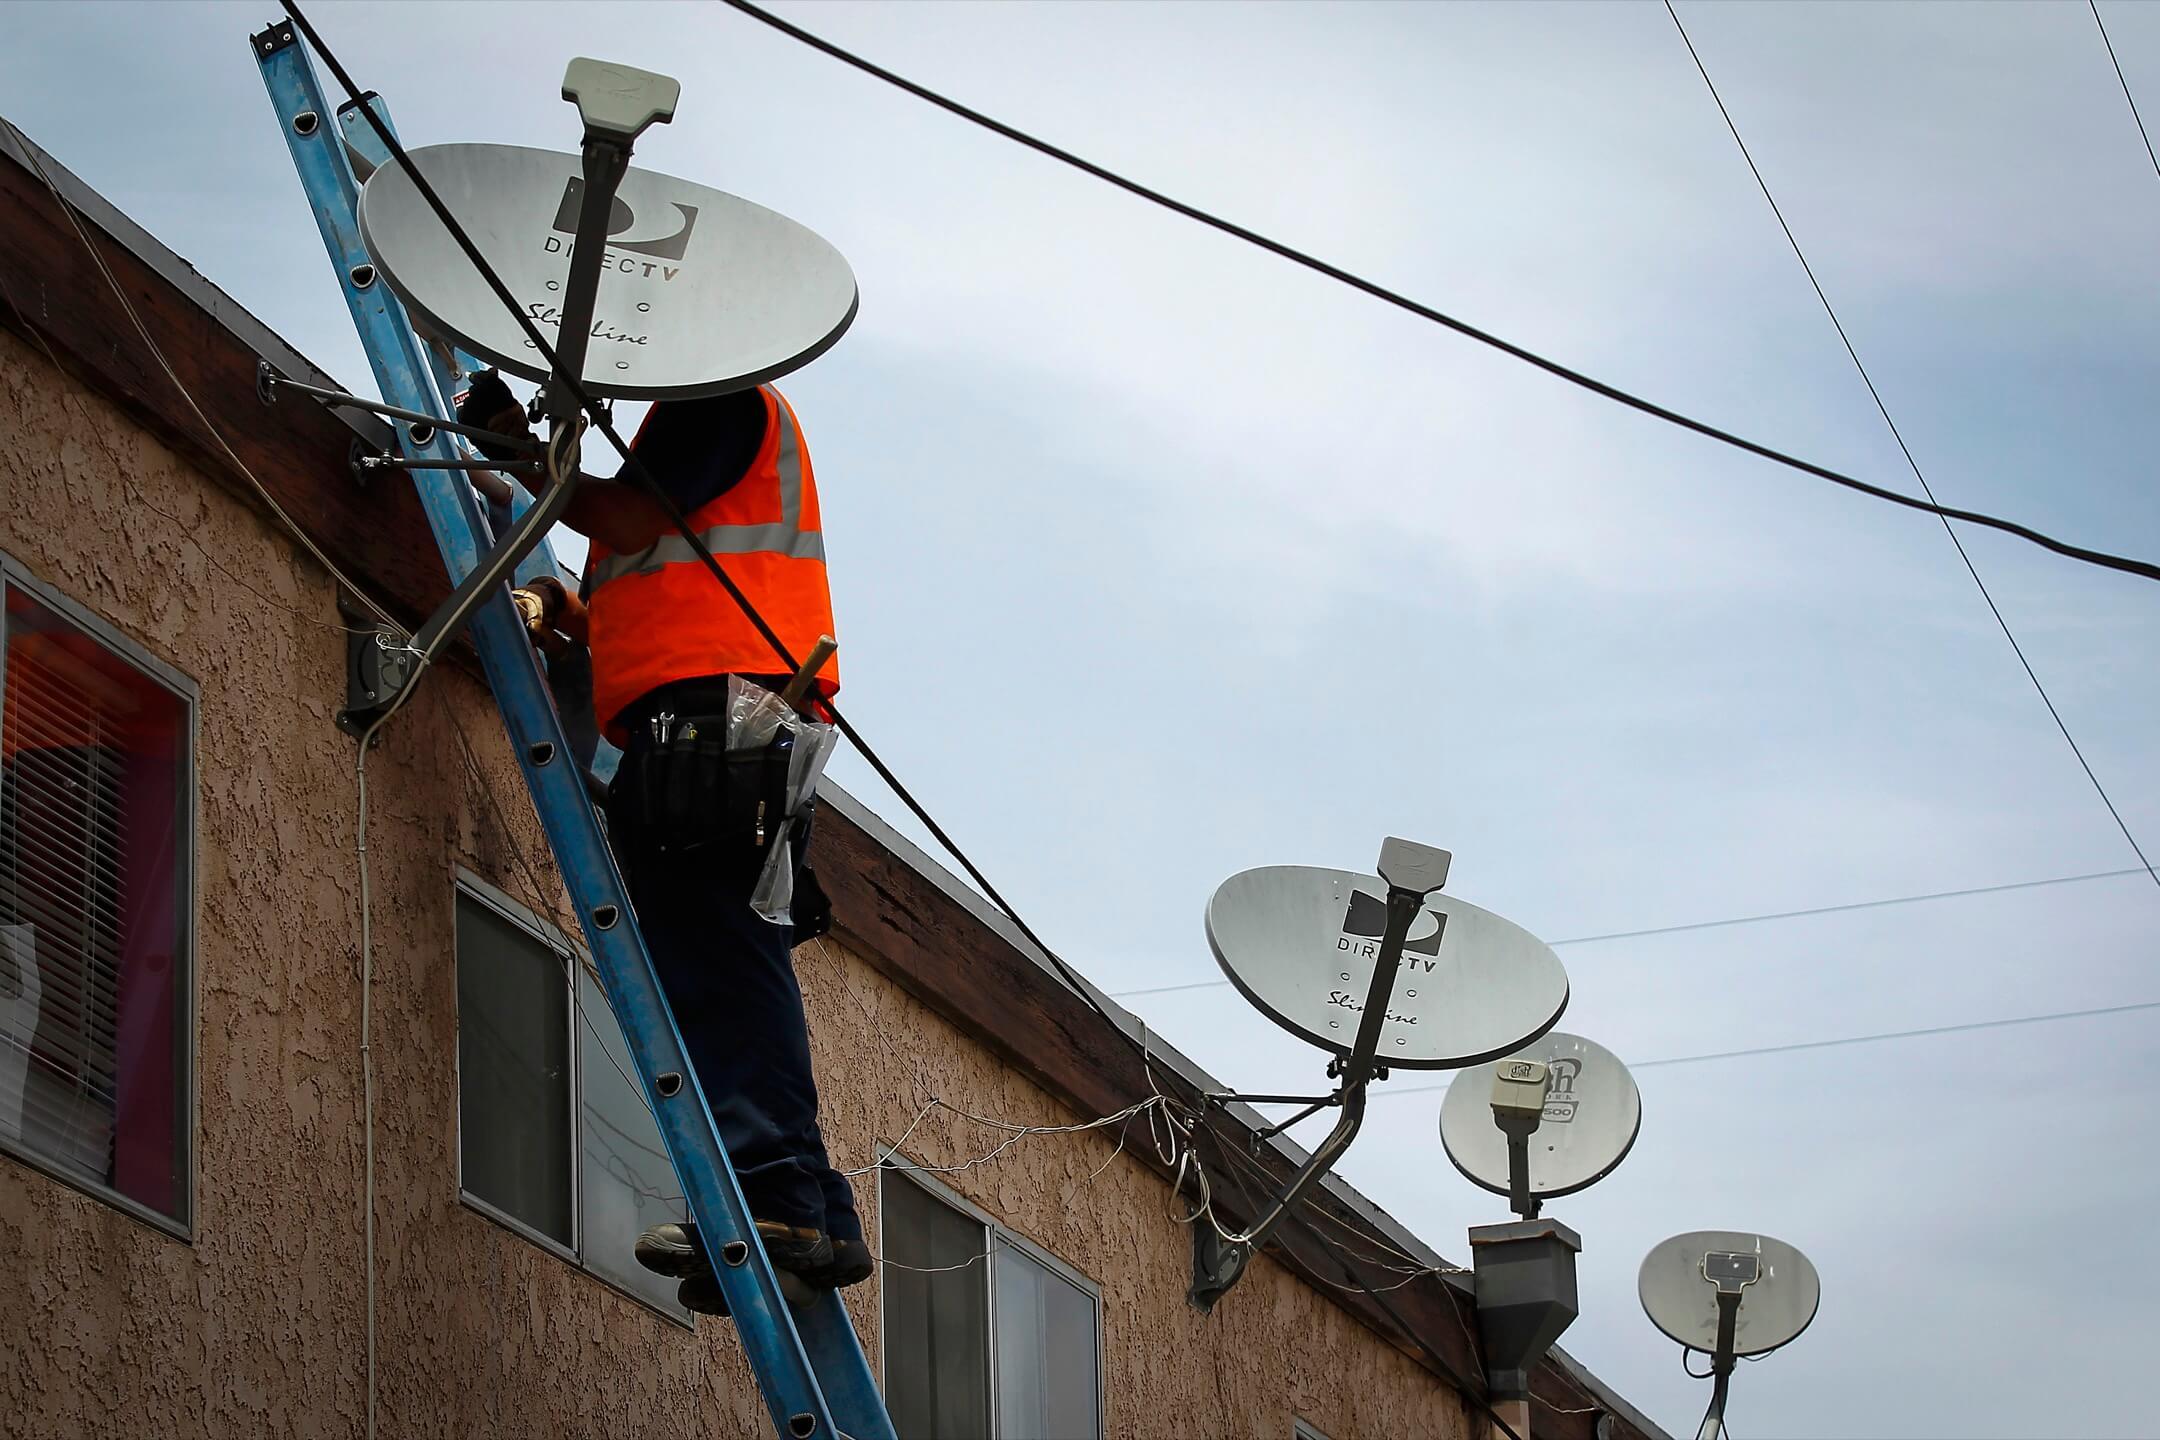 美國加州,一位網絡供應商工人為住戶安裝衛星天線。 攝:Patrick T. Fallon/Bloomberg via Getty Images